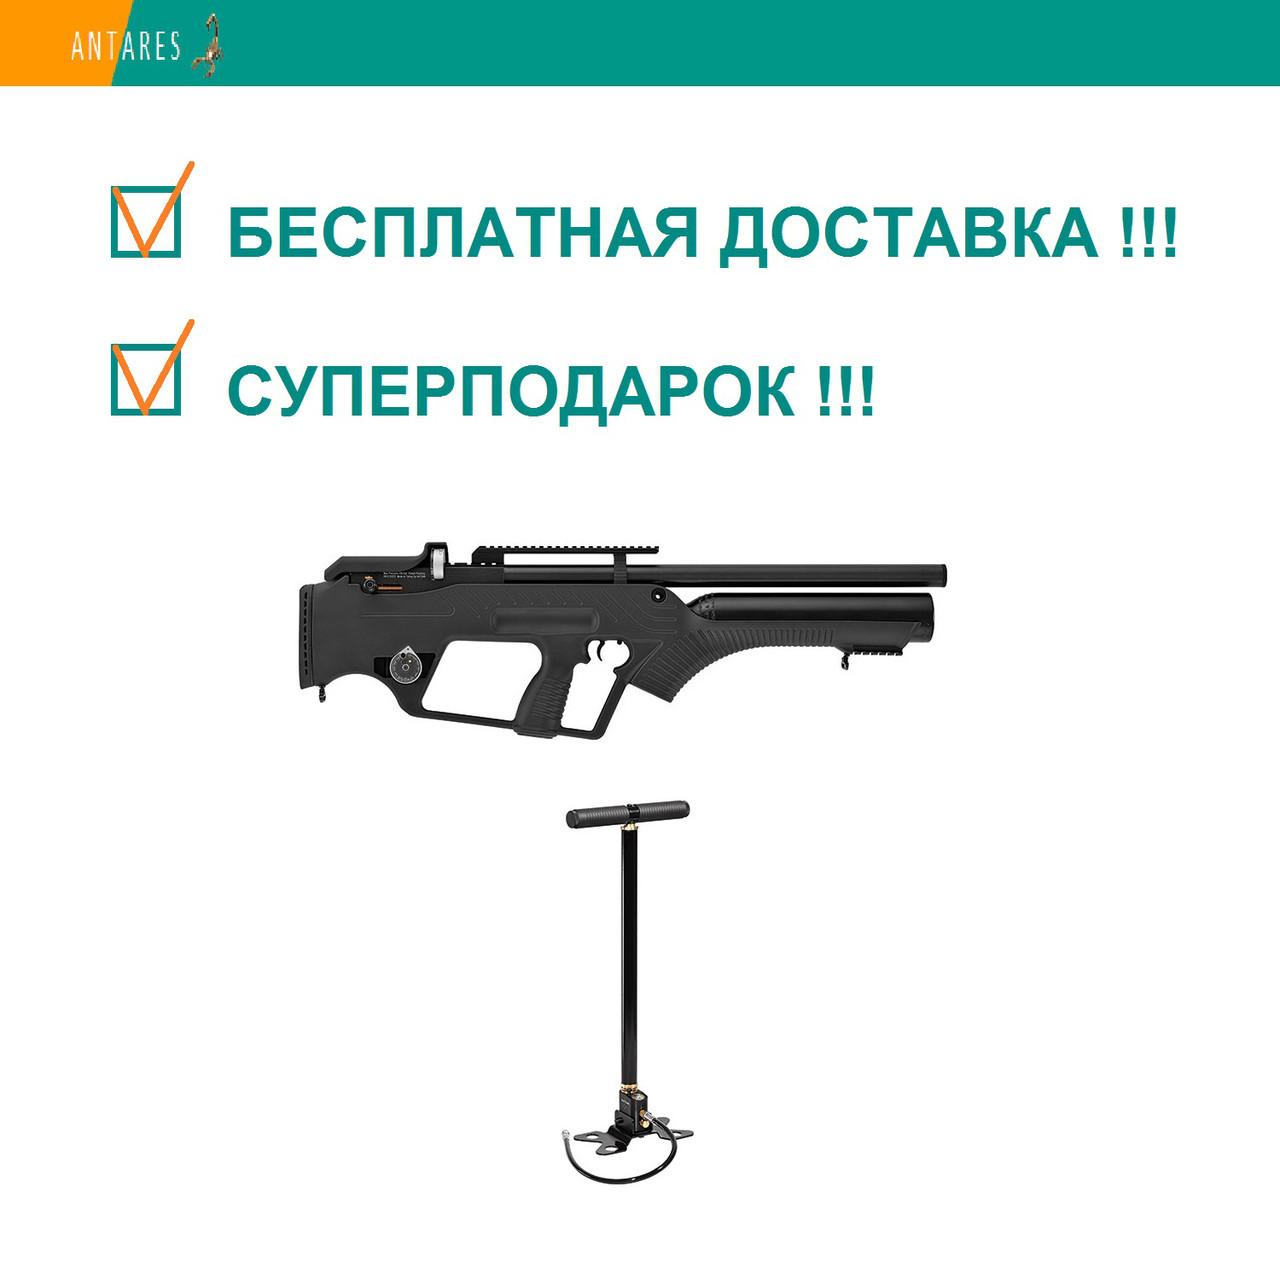 Пневматическая винтовка Hatsan Bullmaster с насосом предварительная накачка PCP полуавтоматич-й огонь 320 м/с